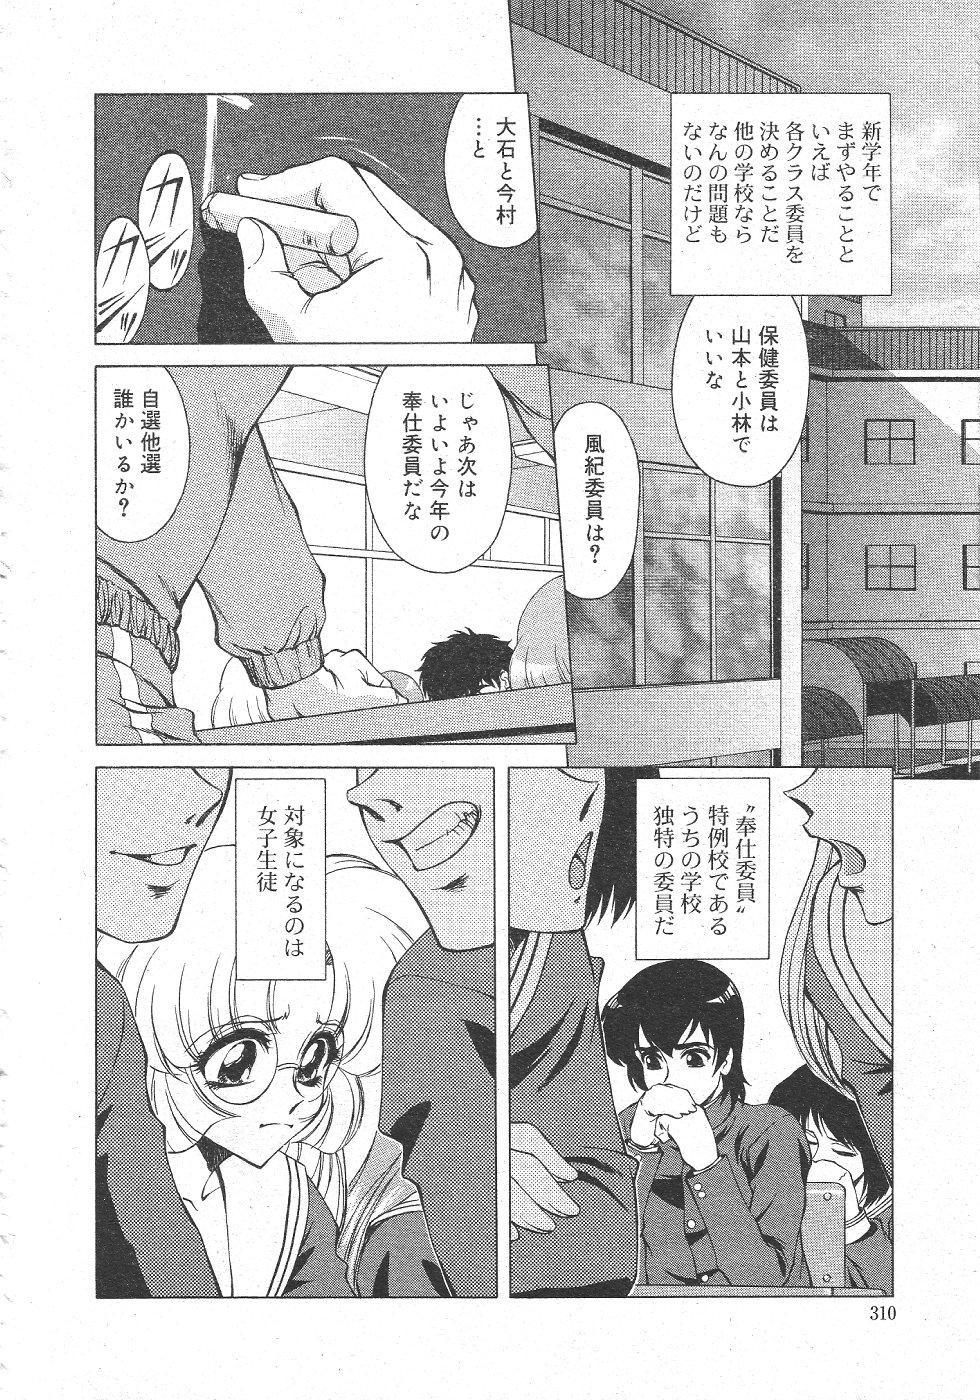 Gekkan Comic Muga 2004-06 Vol.10 313